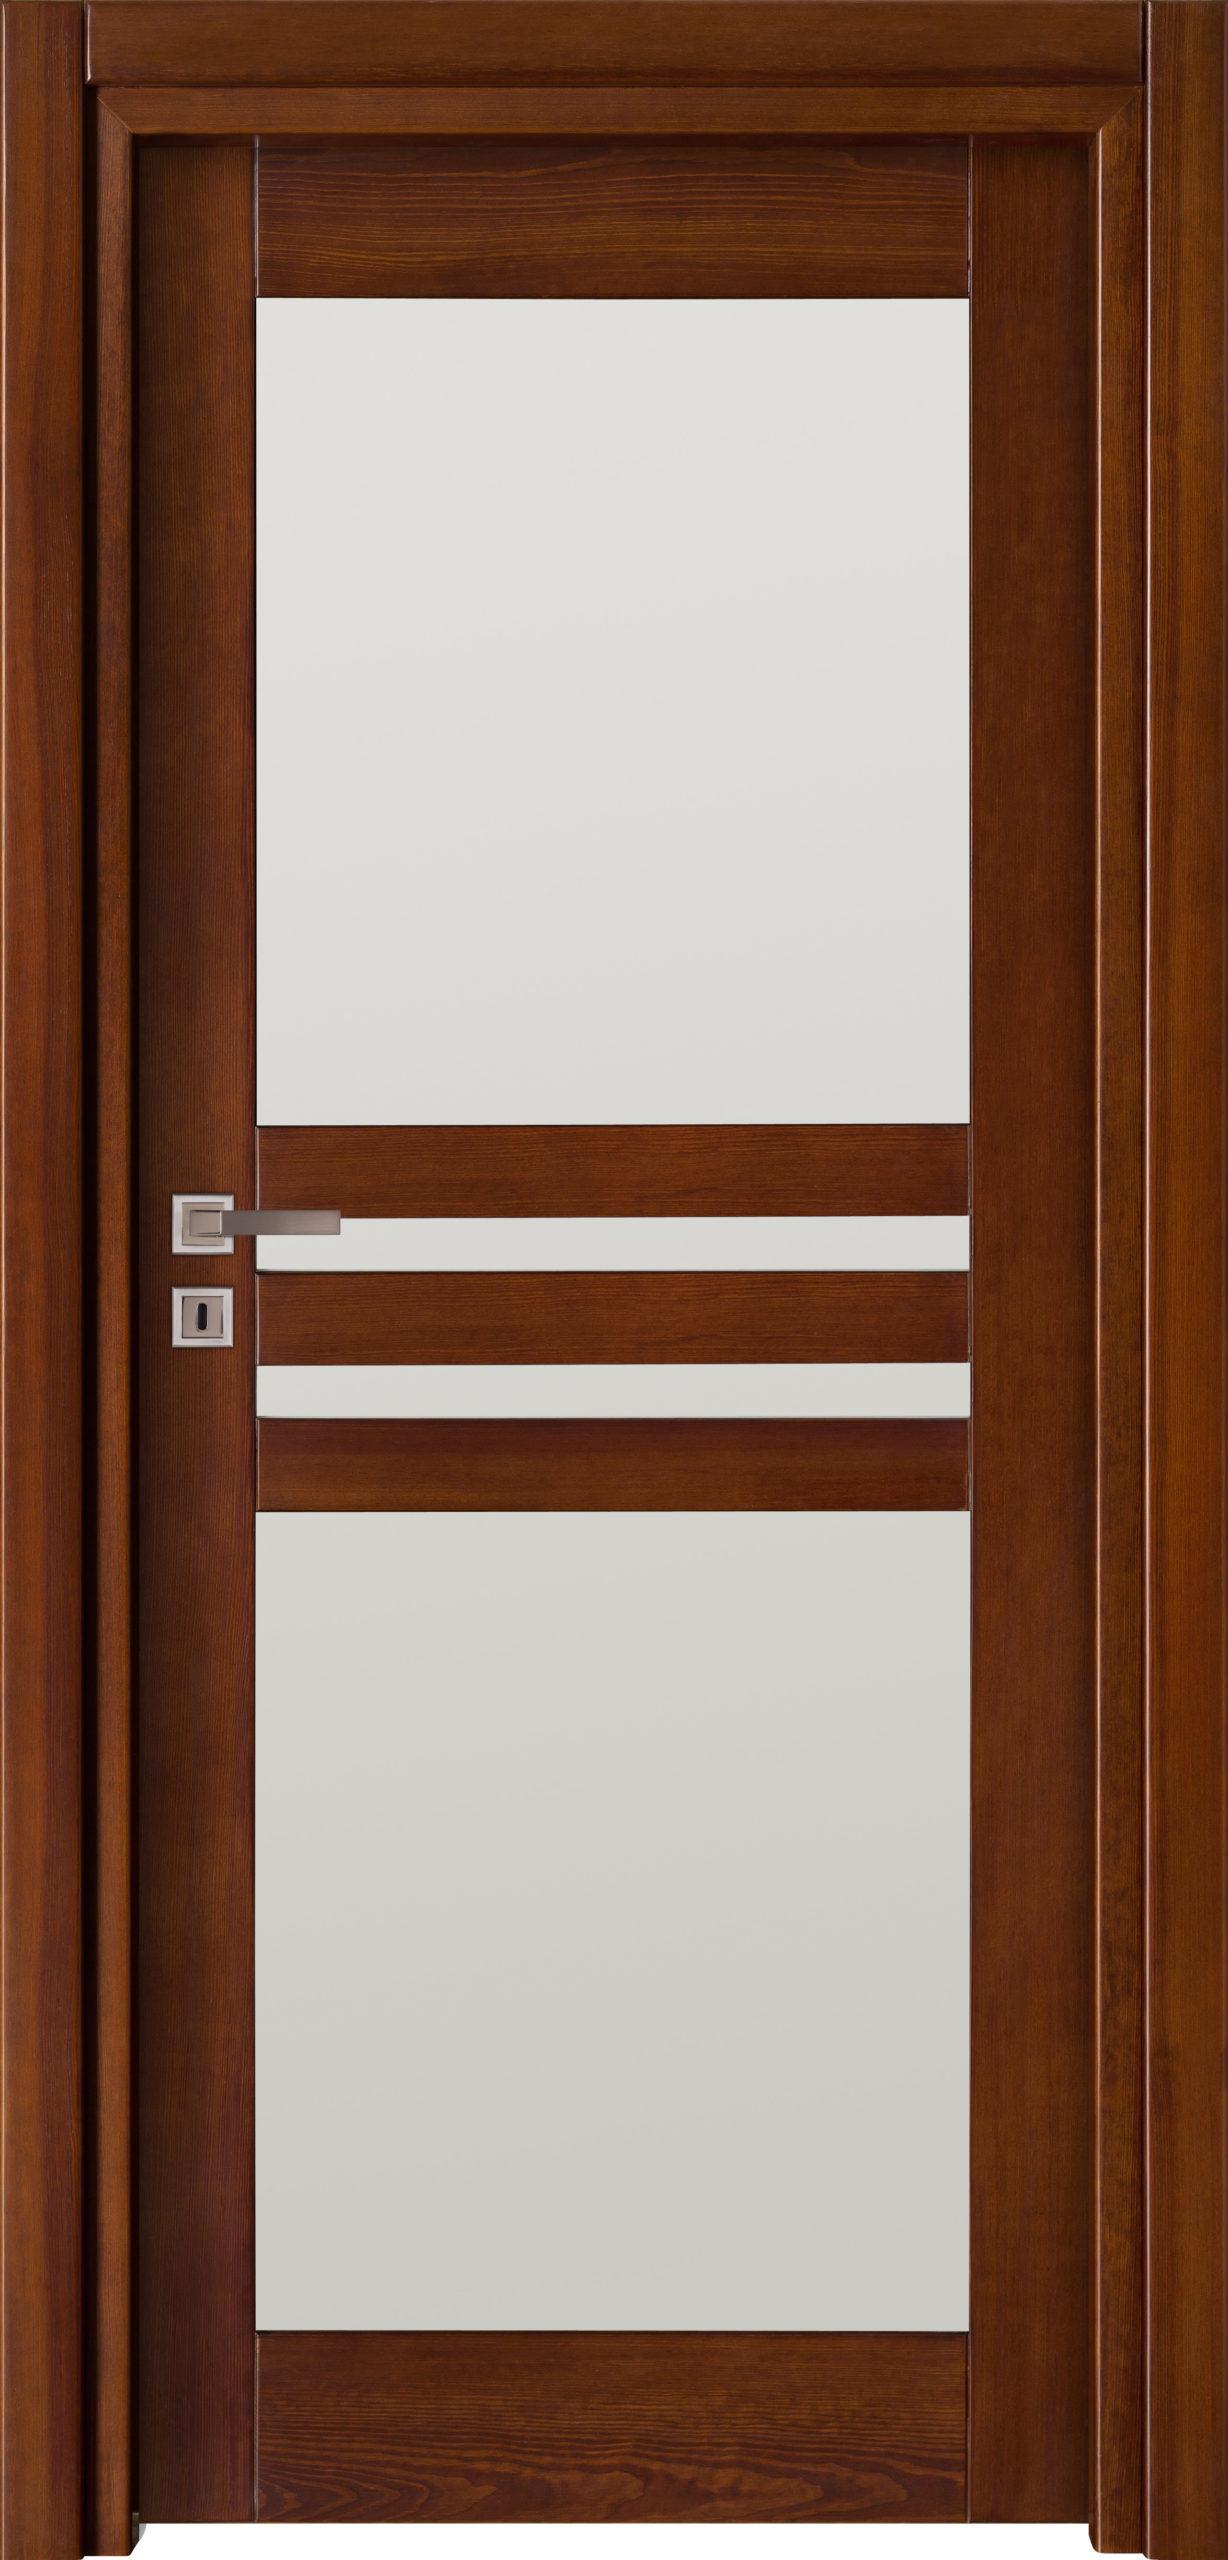 Tanger A1 - jesion - ciemny calvados - szklenie lacomat bezpieczny - ościeżnica przylgowa regulowana drewniana prosta (IIa)